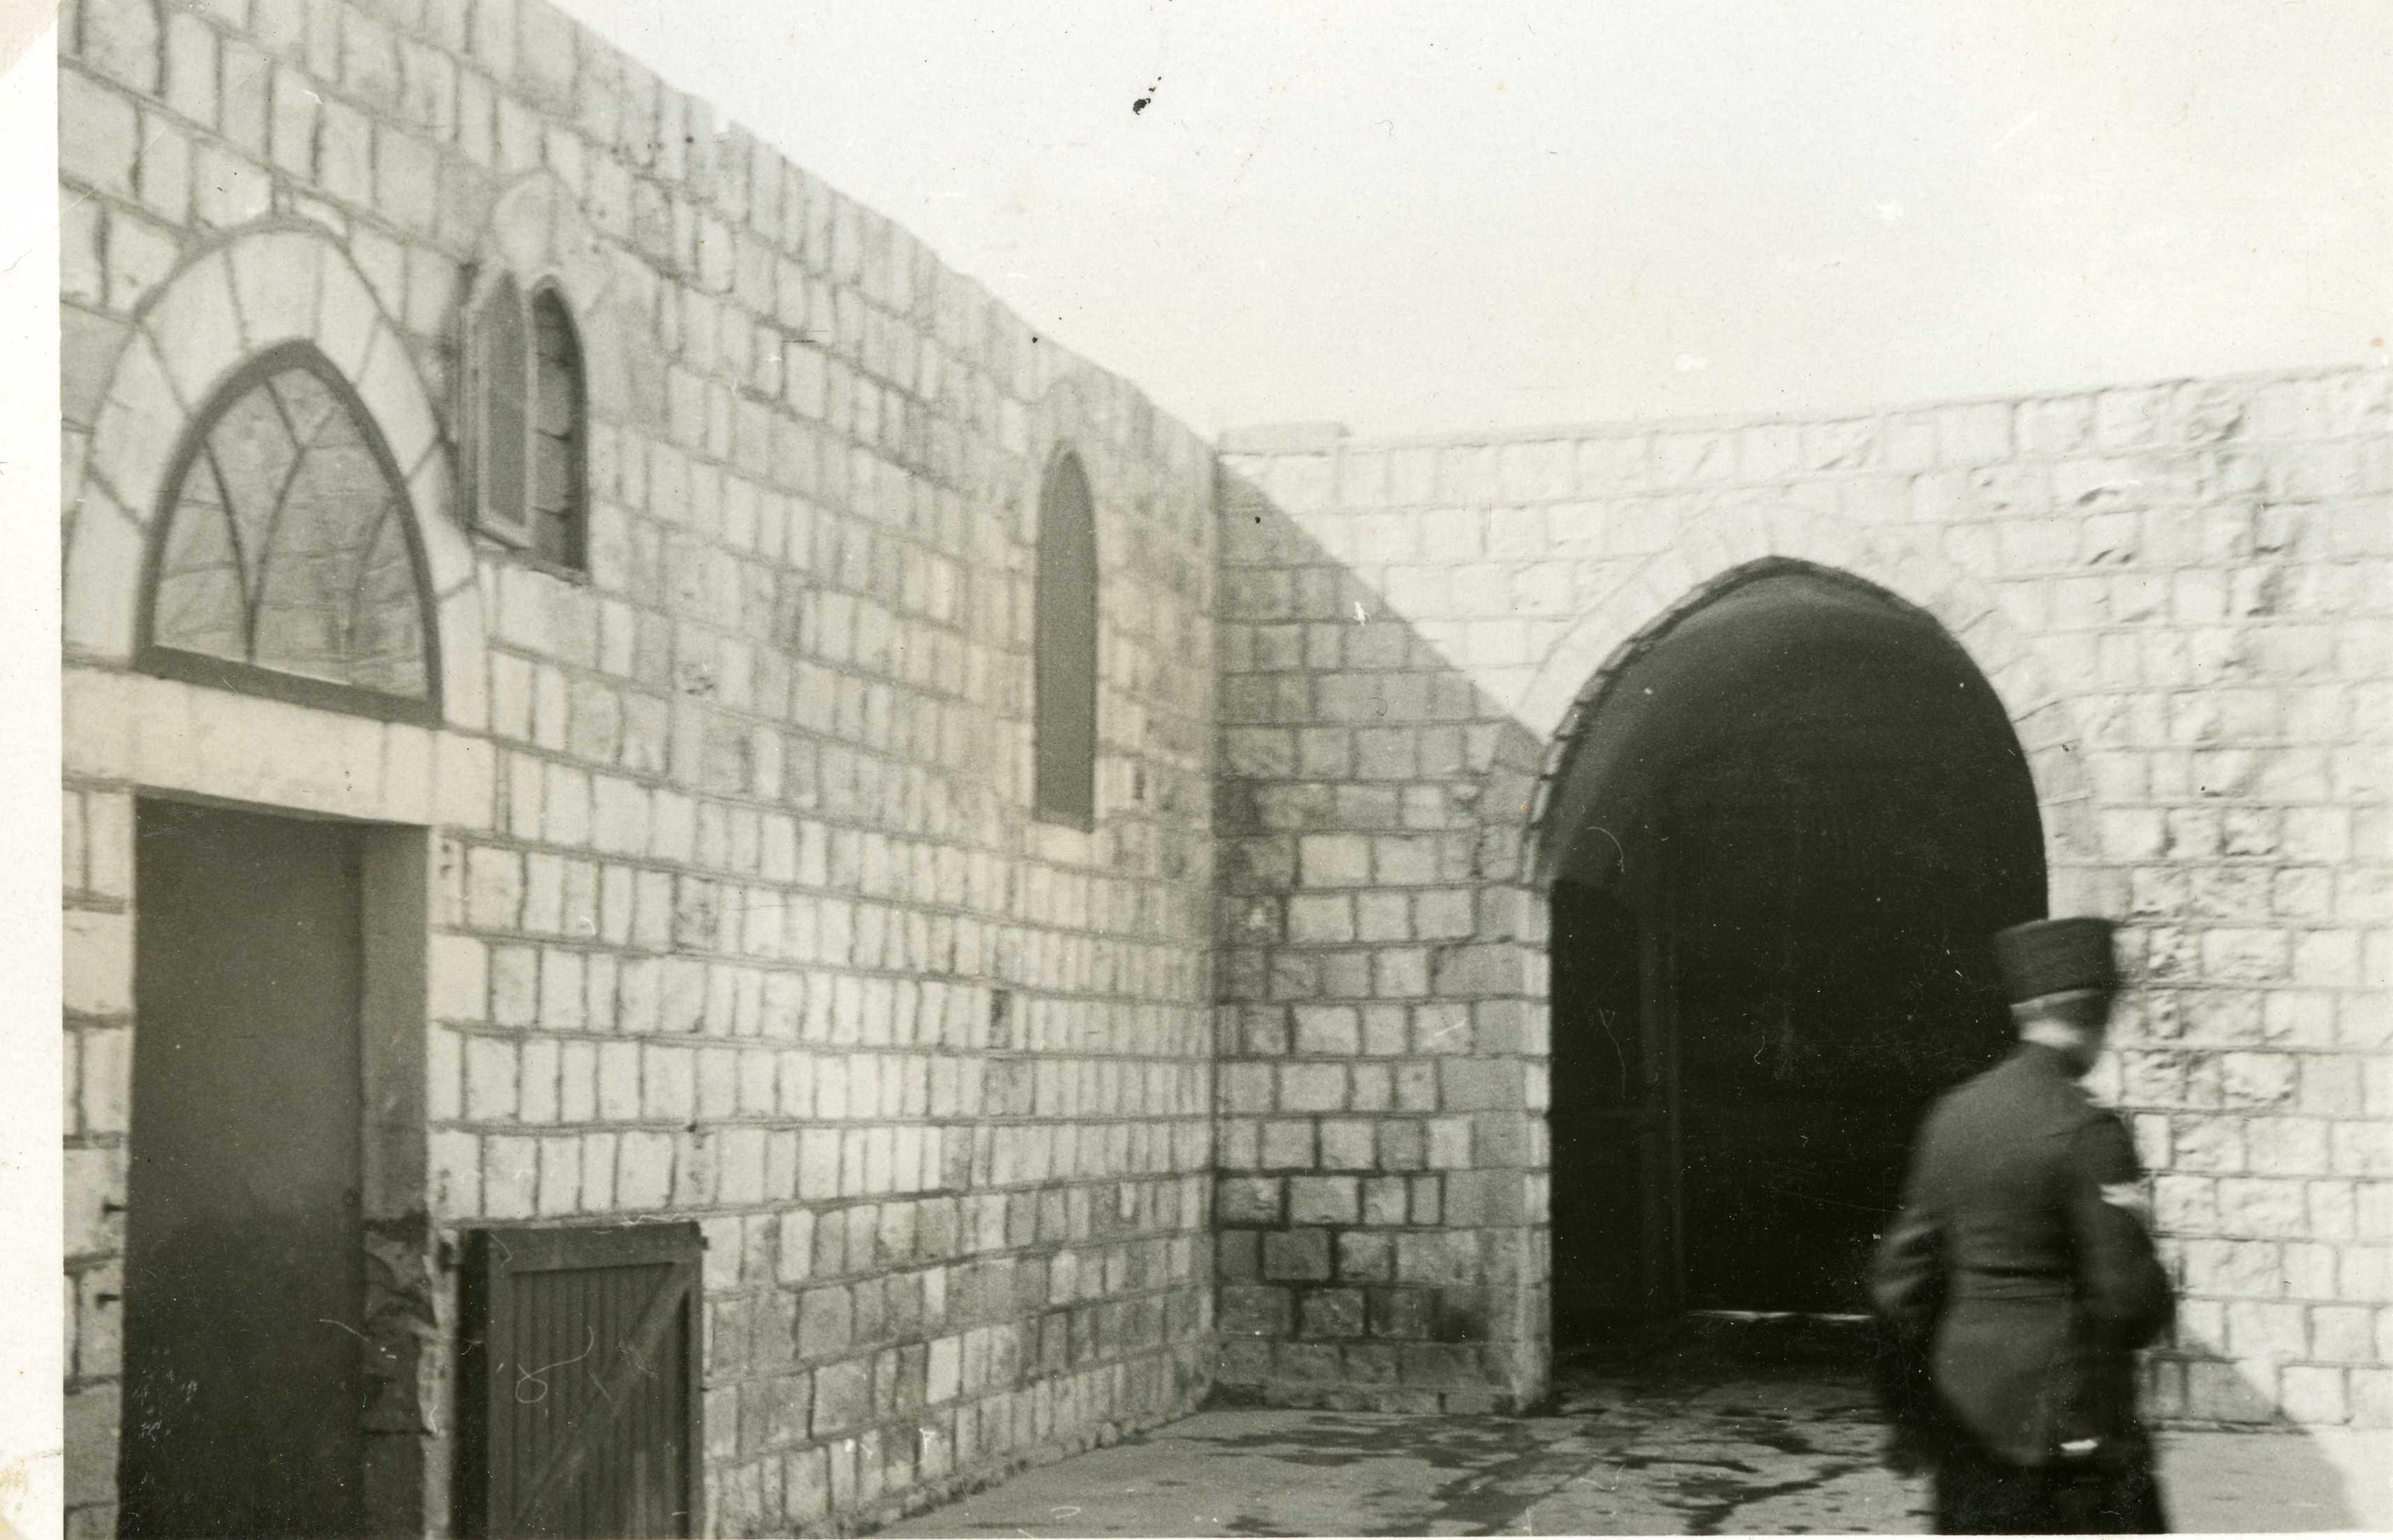 צילום מתוך החצר הפנימית של בניין משטרת ג'יפתליק - מקור: ארכיון המדינה